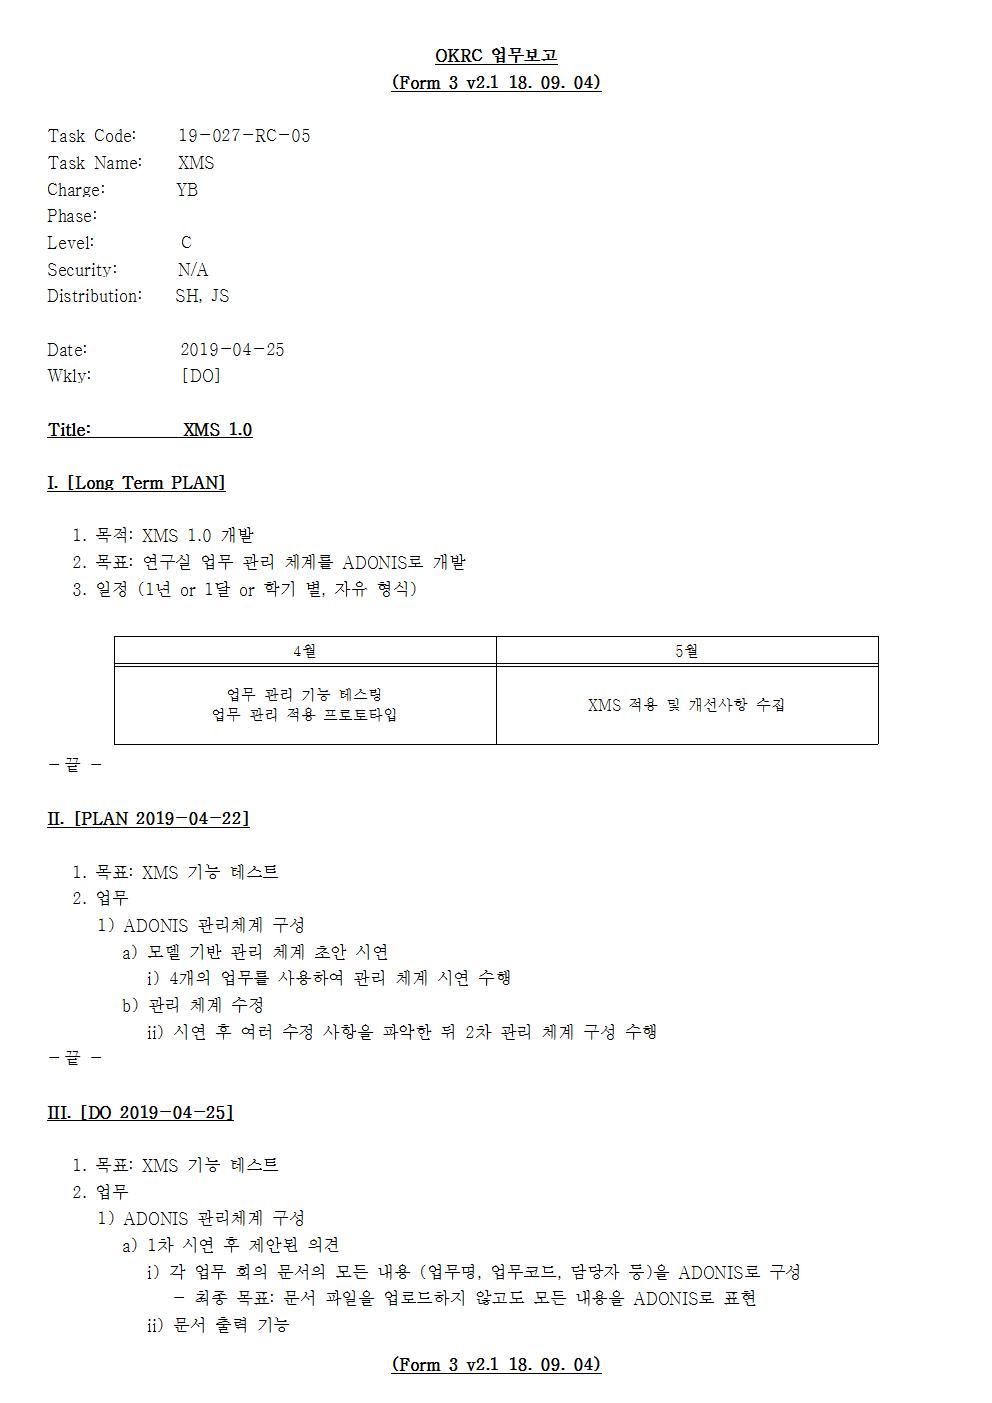 D-[19-027-RC-05]-[XMS]-[2019-04-25][YB]001.jpg